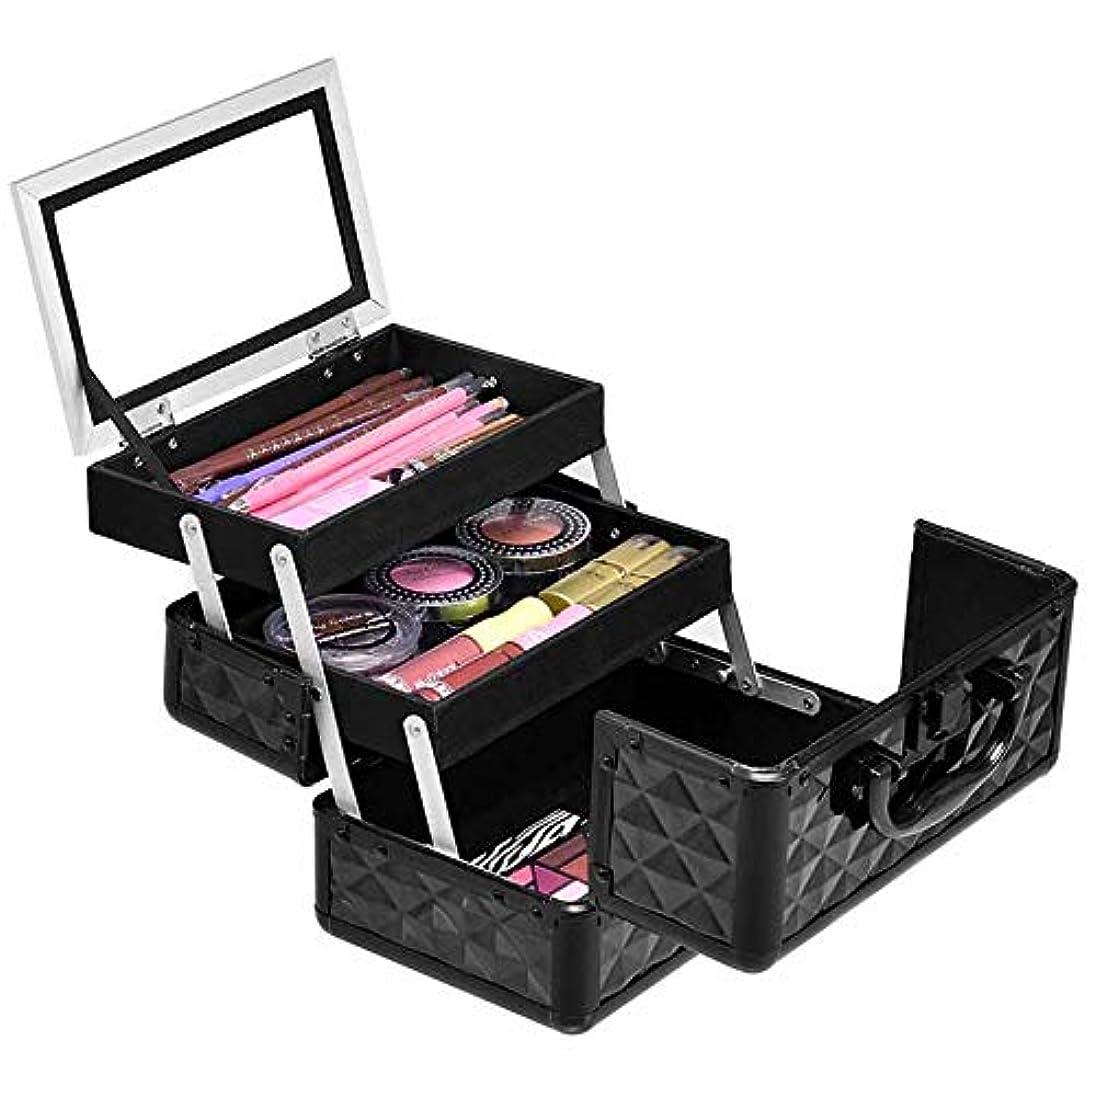 ギネス病んでいる刺繍Costway コスメボックス メイクボックス 鏡付き 大容量 持ち運び 化粧品収納ボックス プロ用 化粧箱 コスメ収納ボックス ブラック